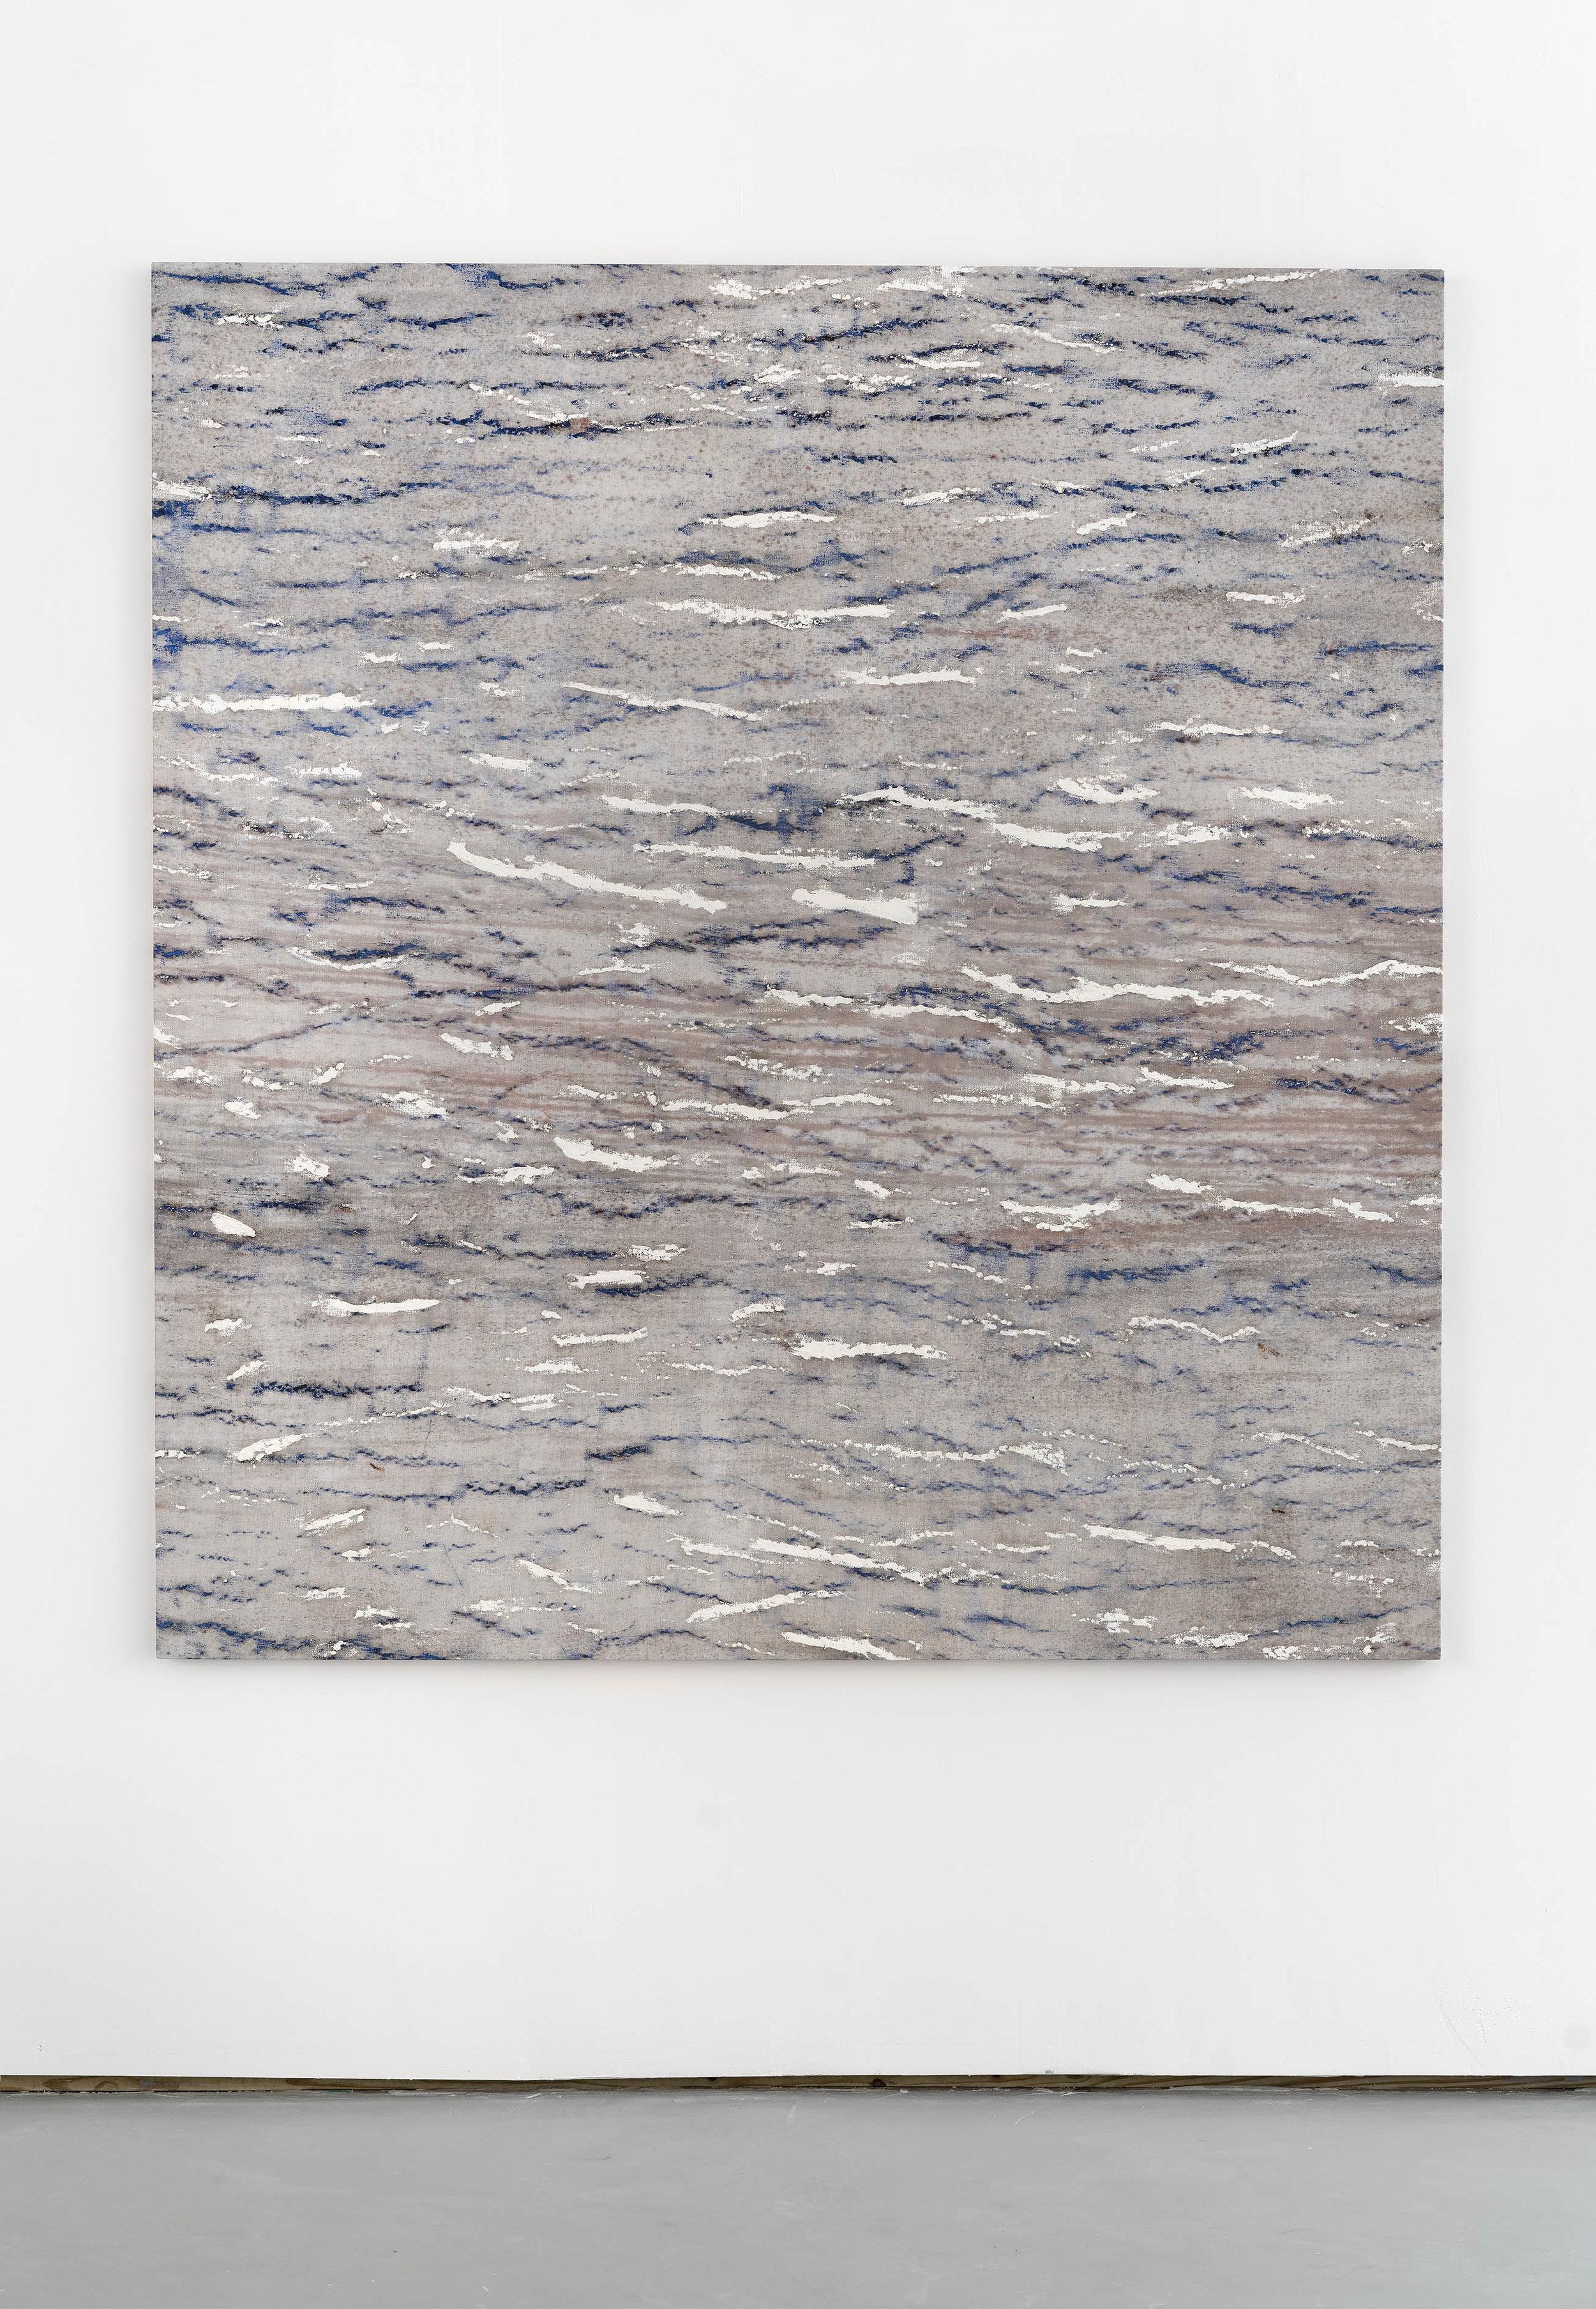 CASSH , 2018 Oil on linen 77 x 83 in. 195.6 x 210.8 cm